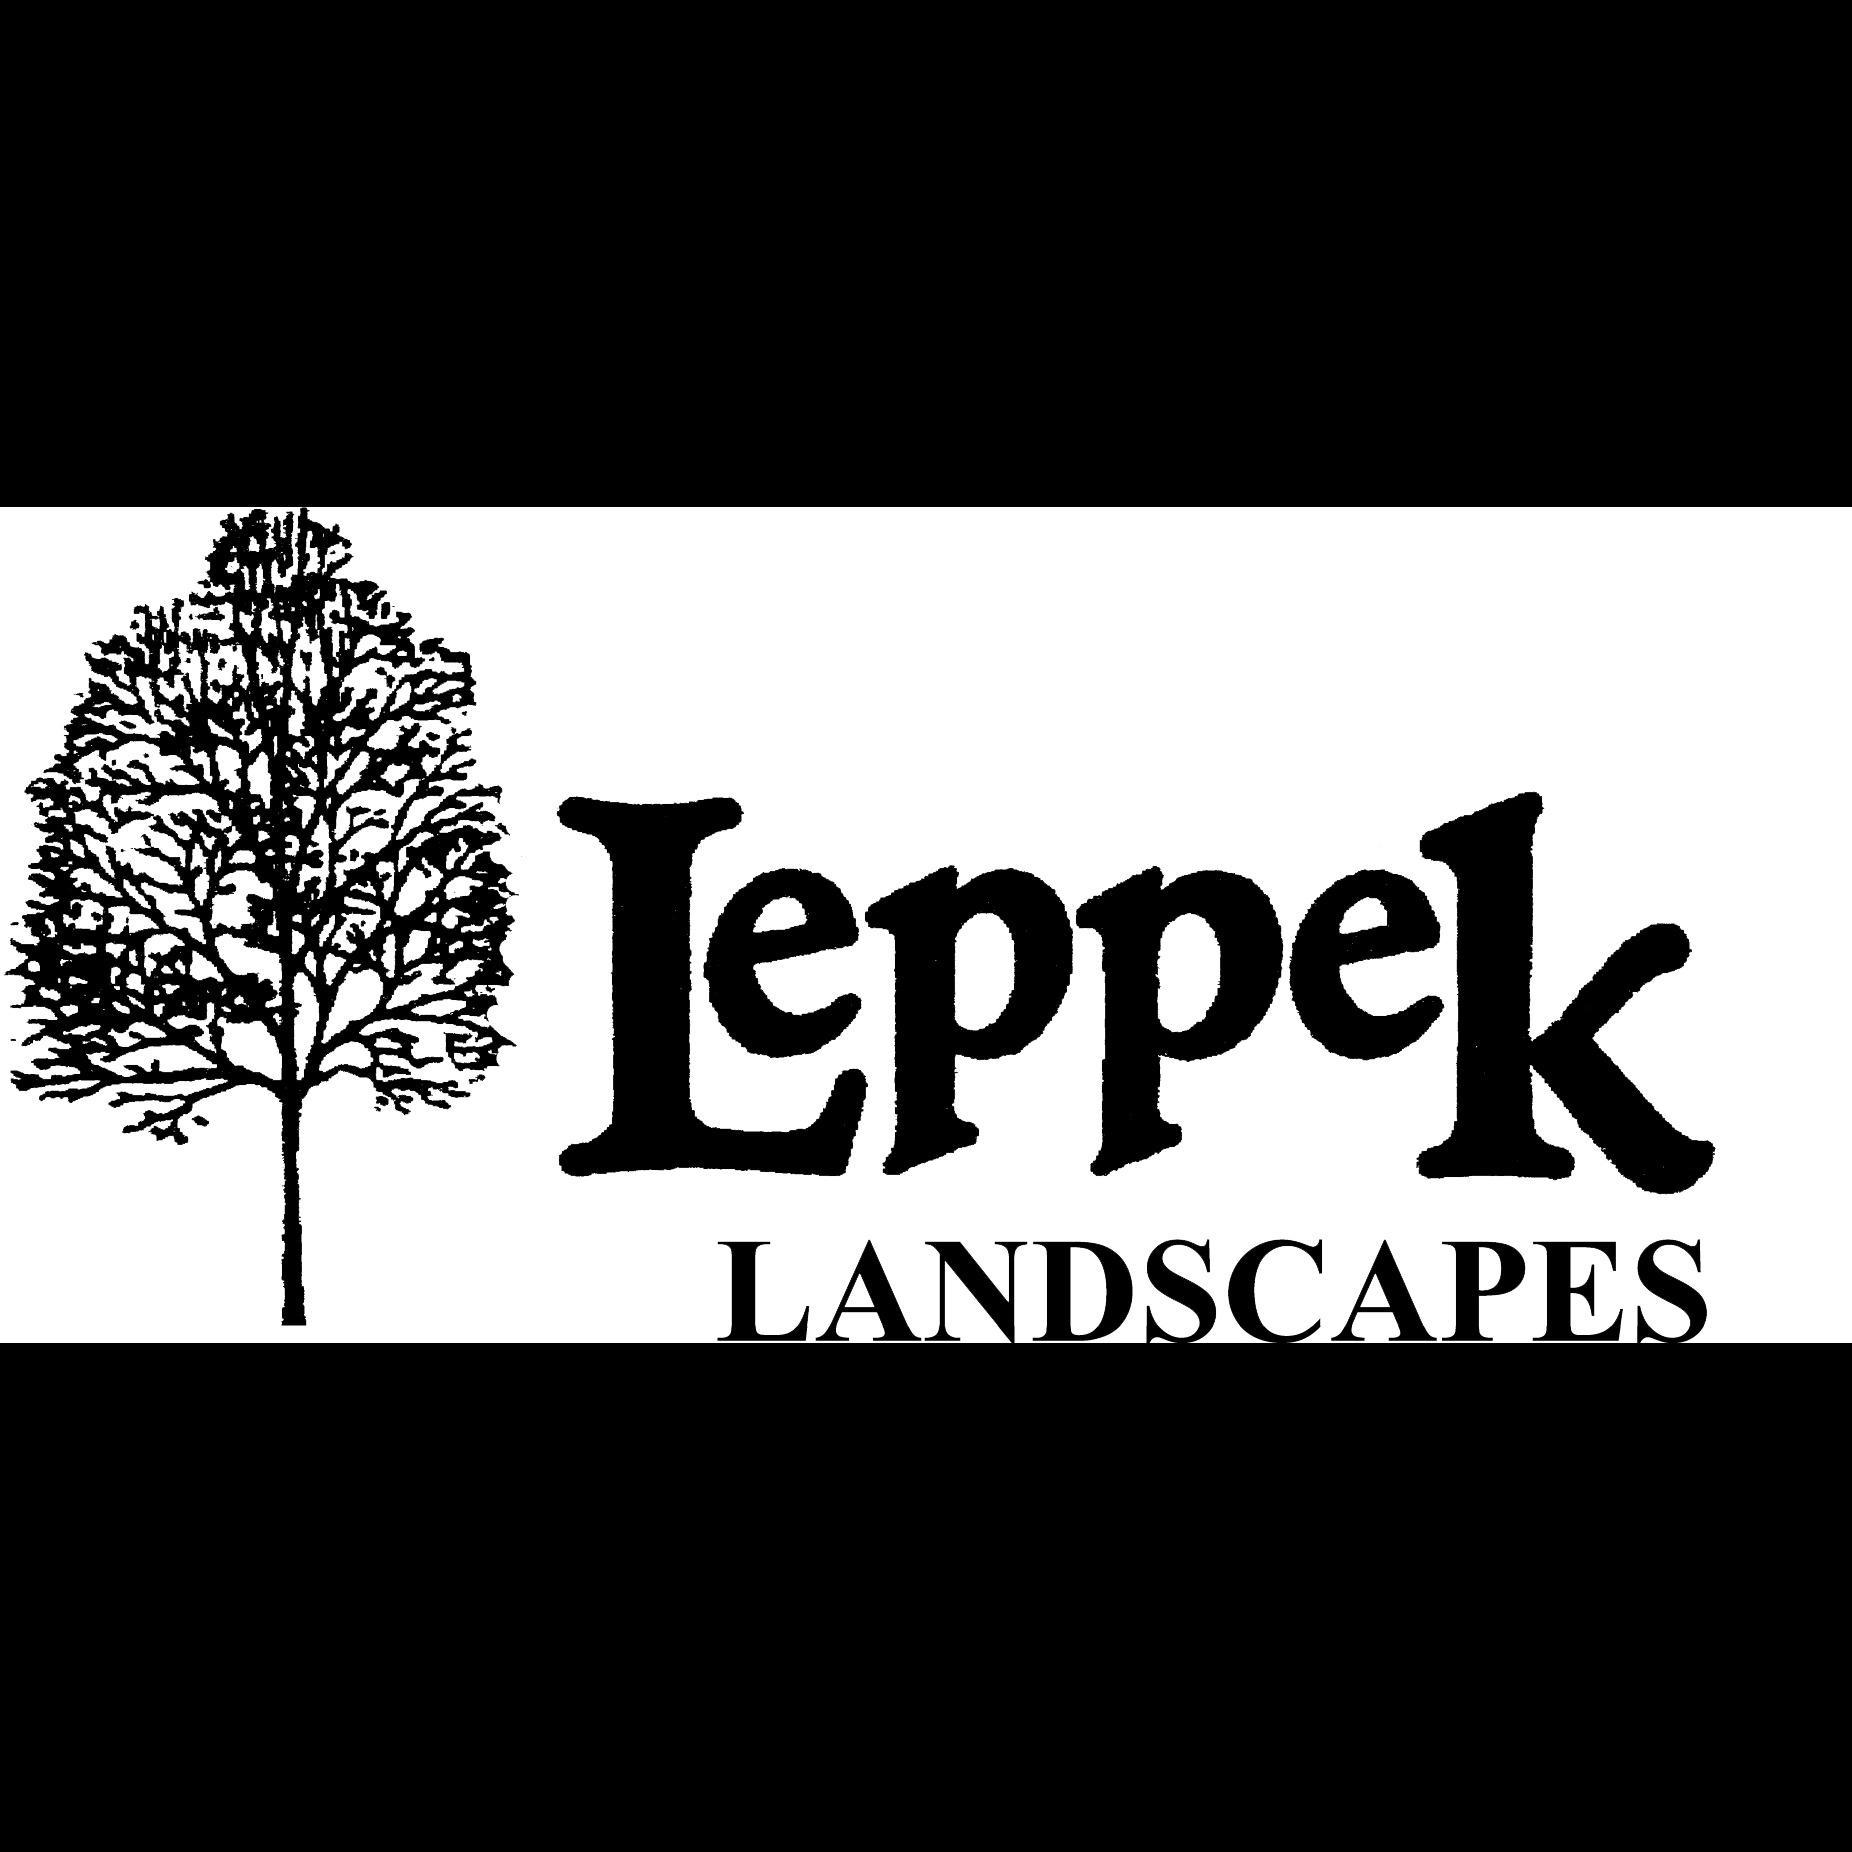 Leppek Landscapes